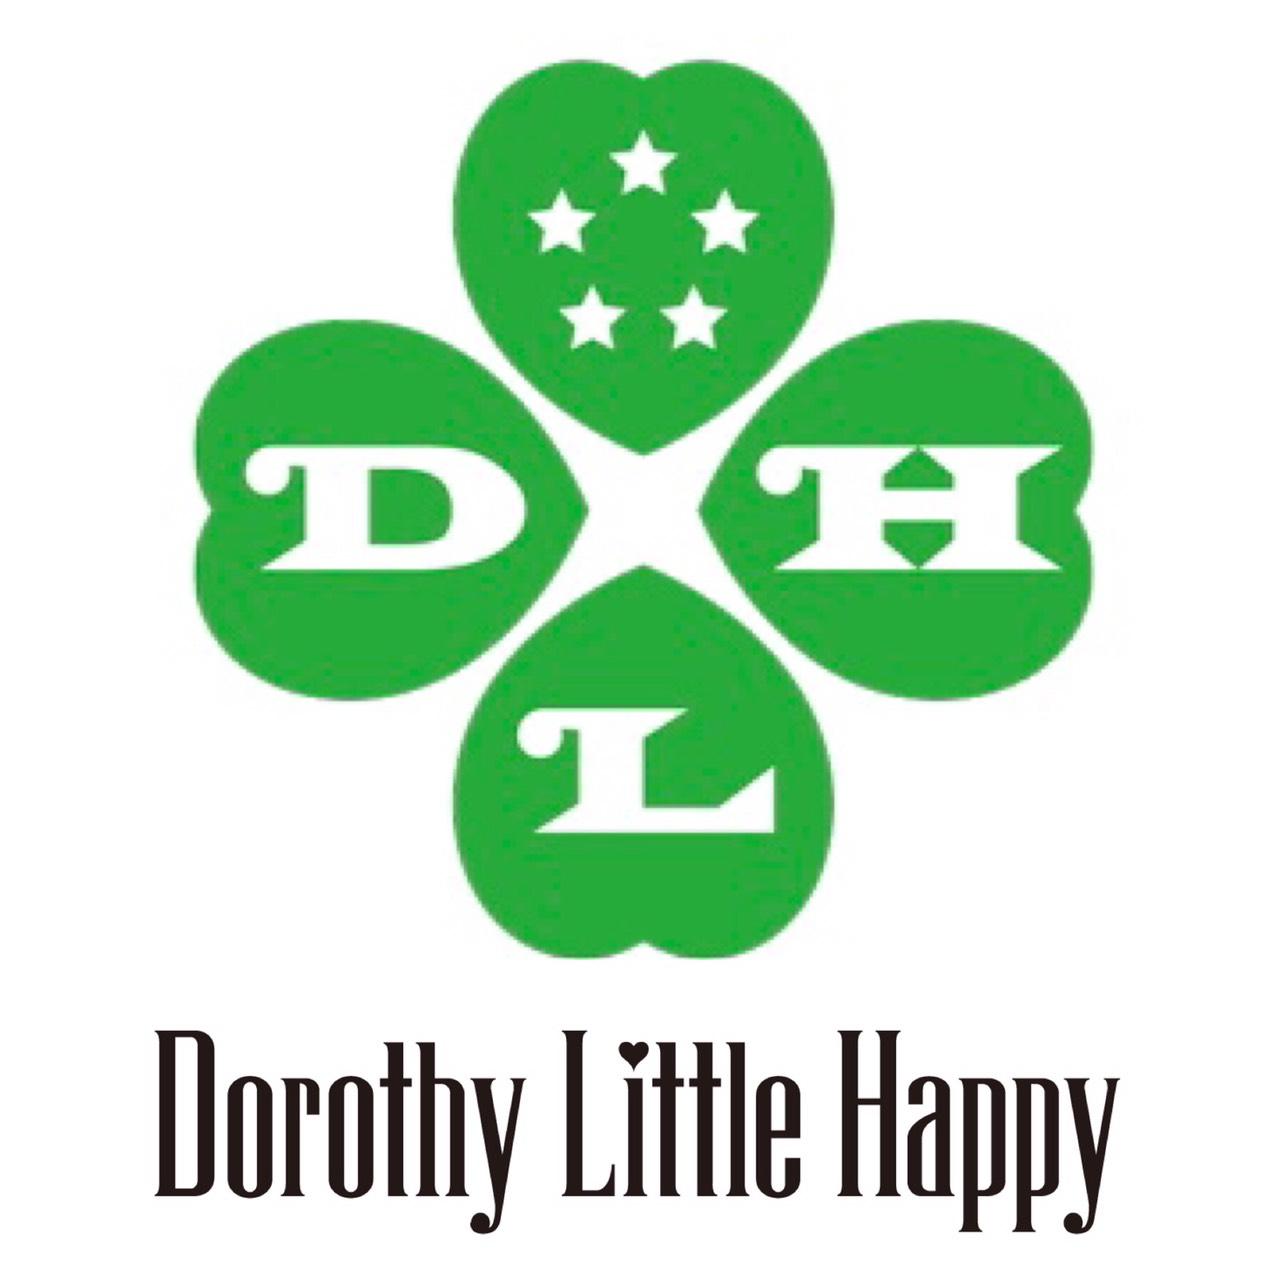 『ひな祭り☆Dorothy祭り!』 supported byまけんグミ